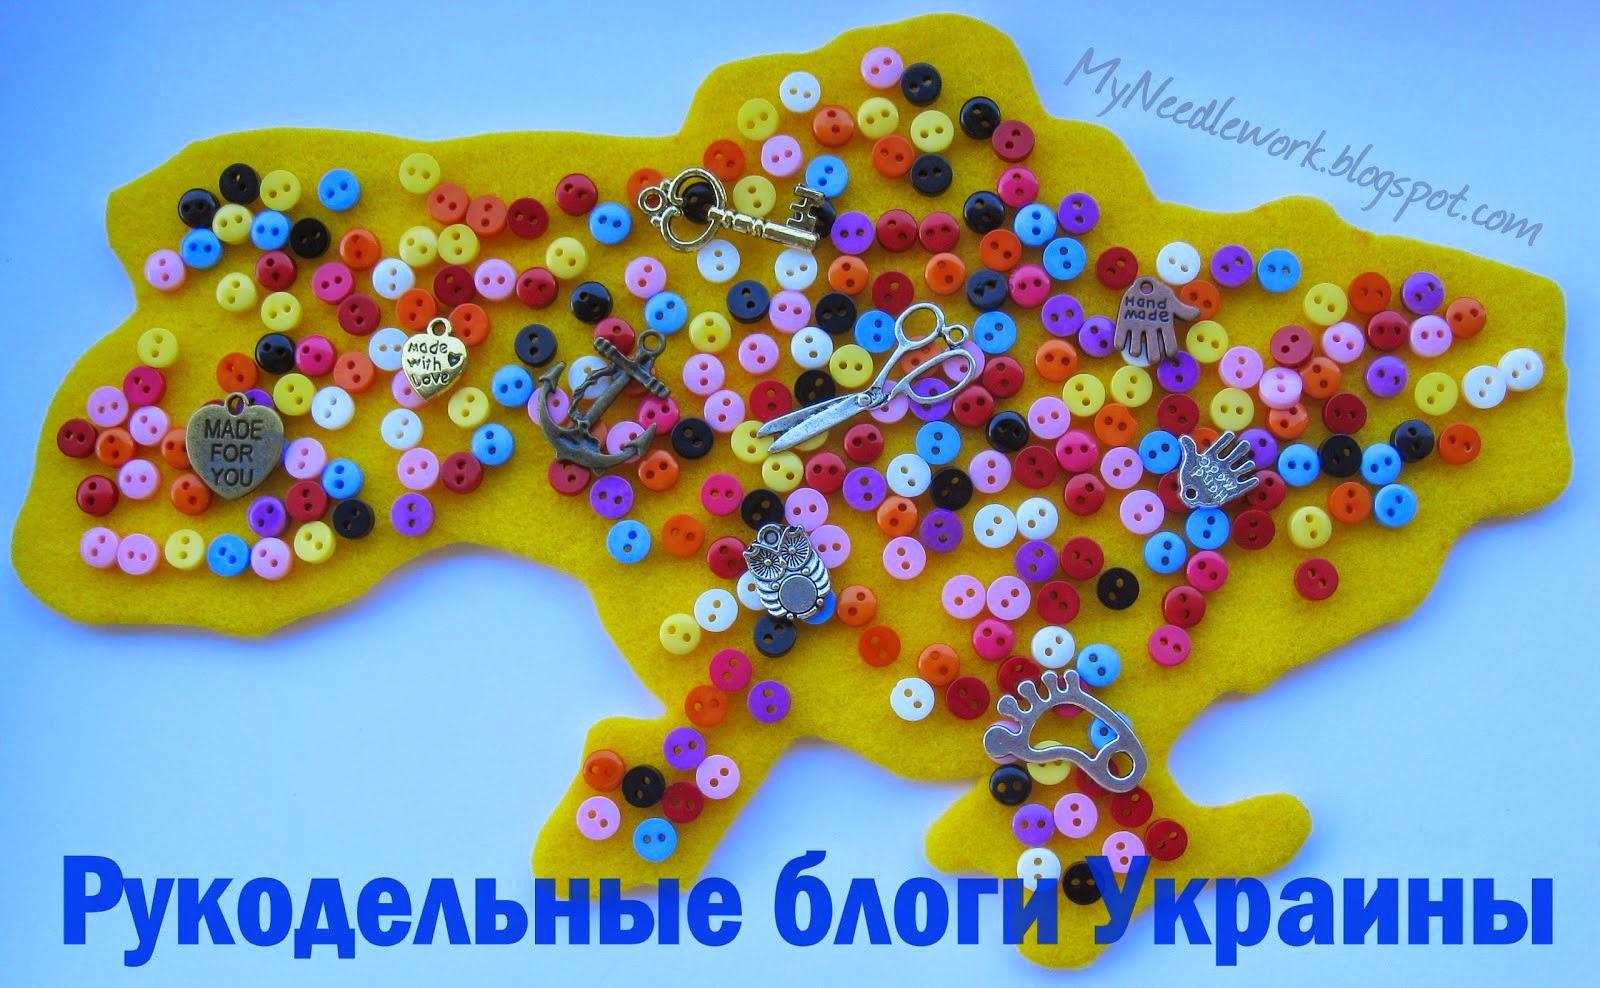 Каталог рукодельных блогов Украины